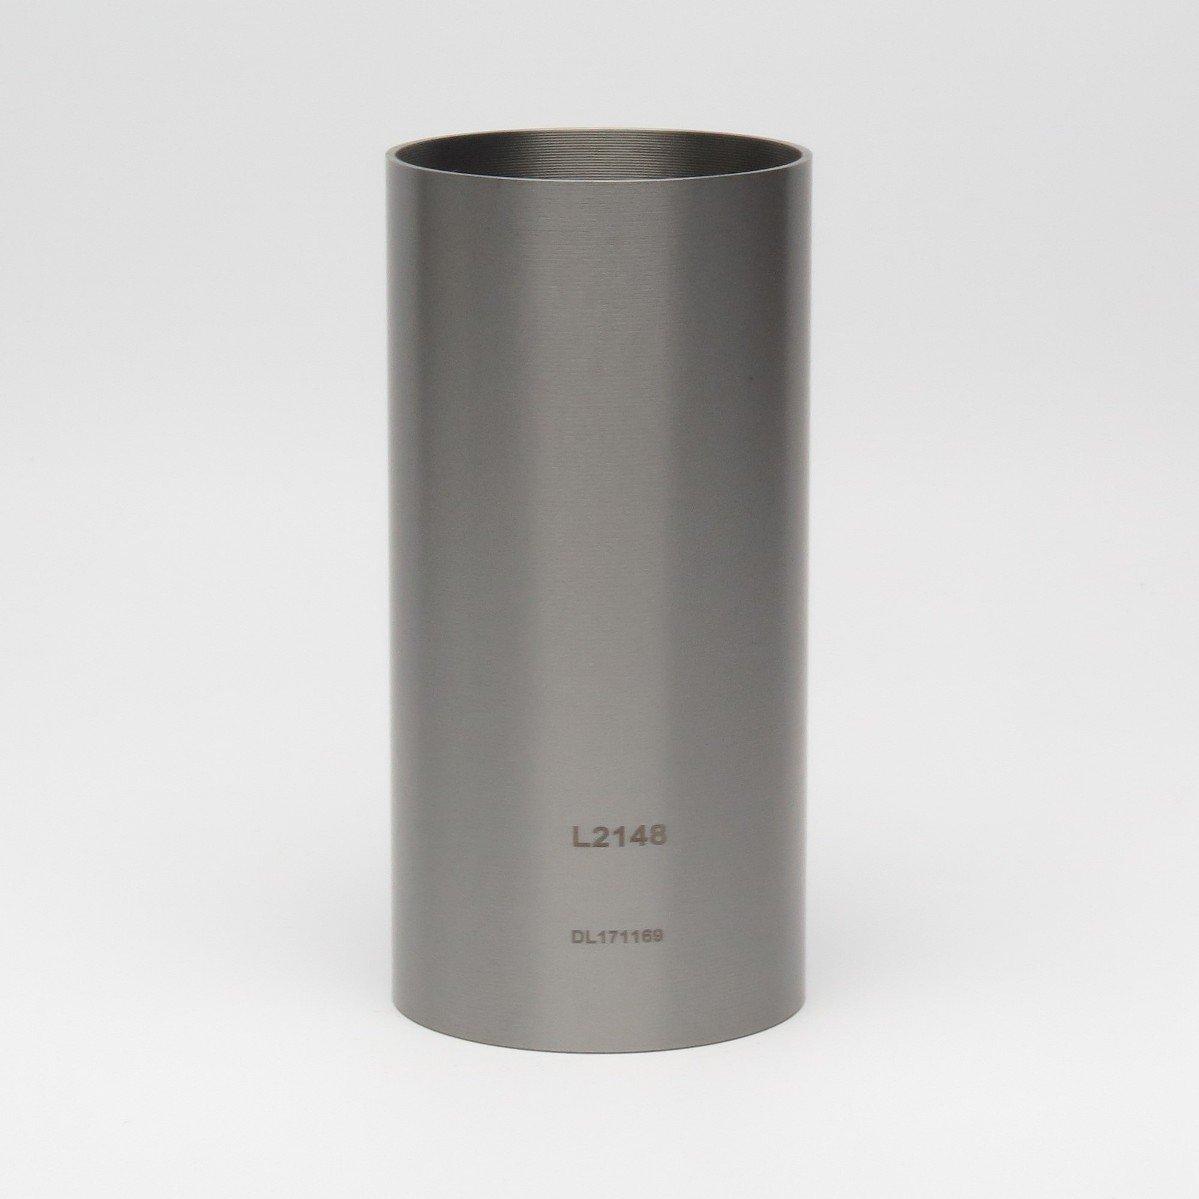 L 2148 - Plain Repair Liner